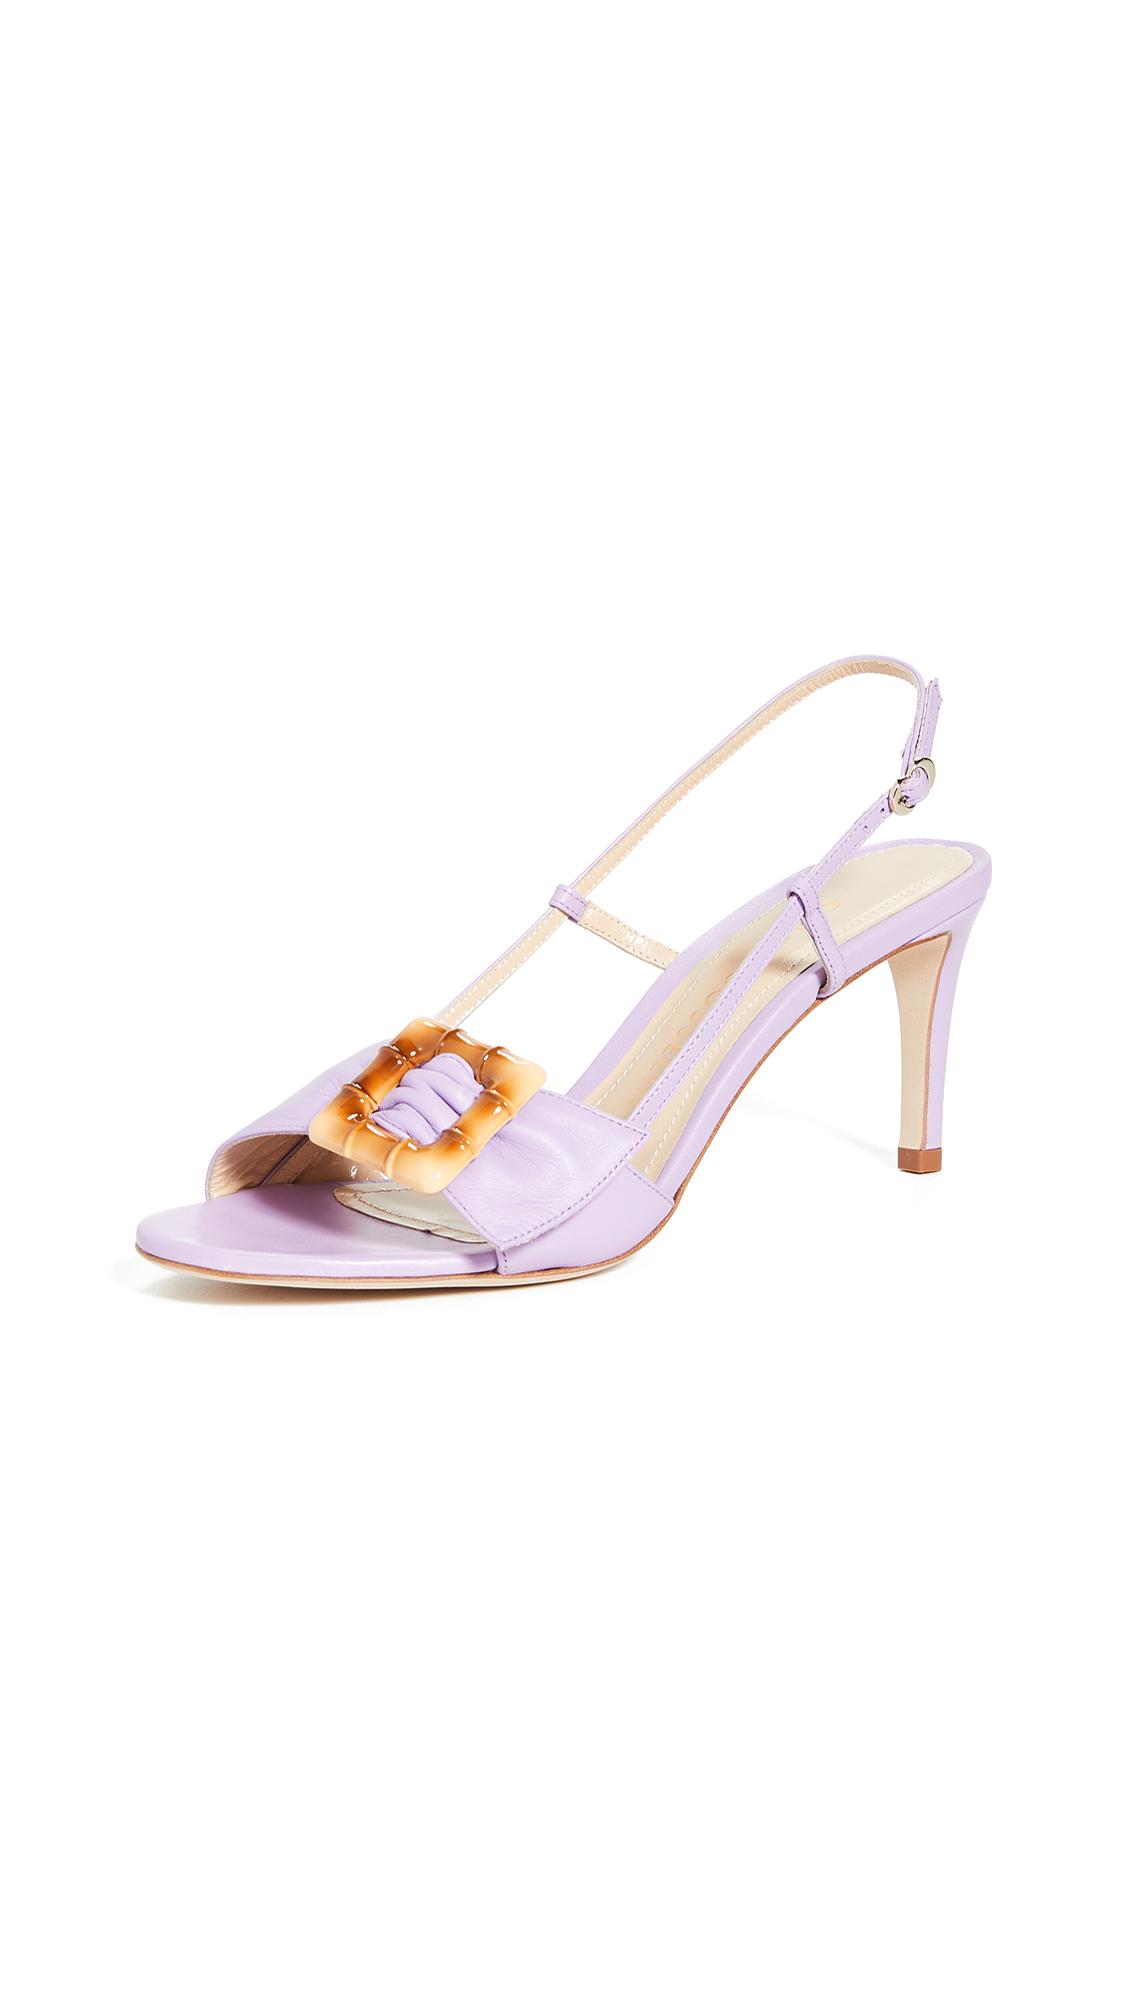 Buy Chloe Gosselin online - photo of Chloe Gosselin Allie Open Toe Sandals